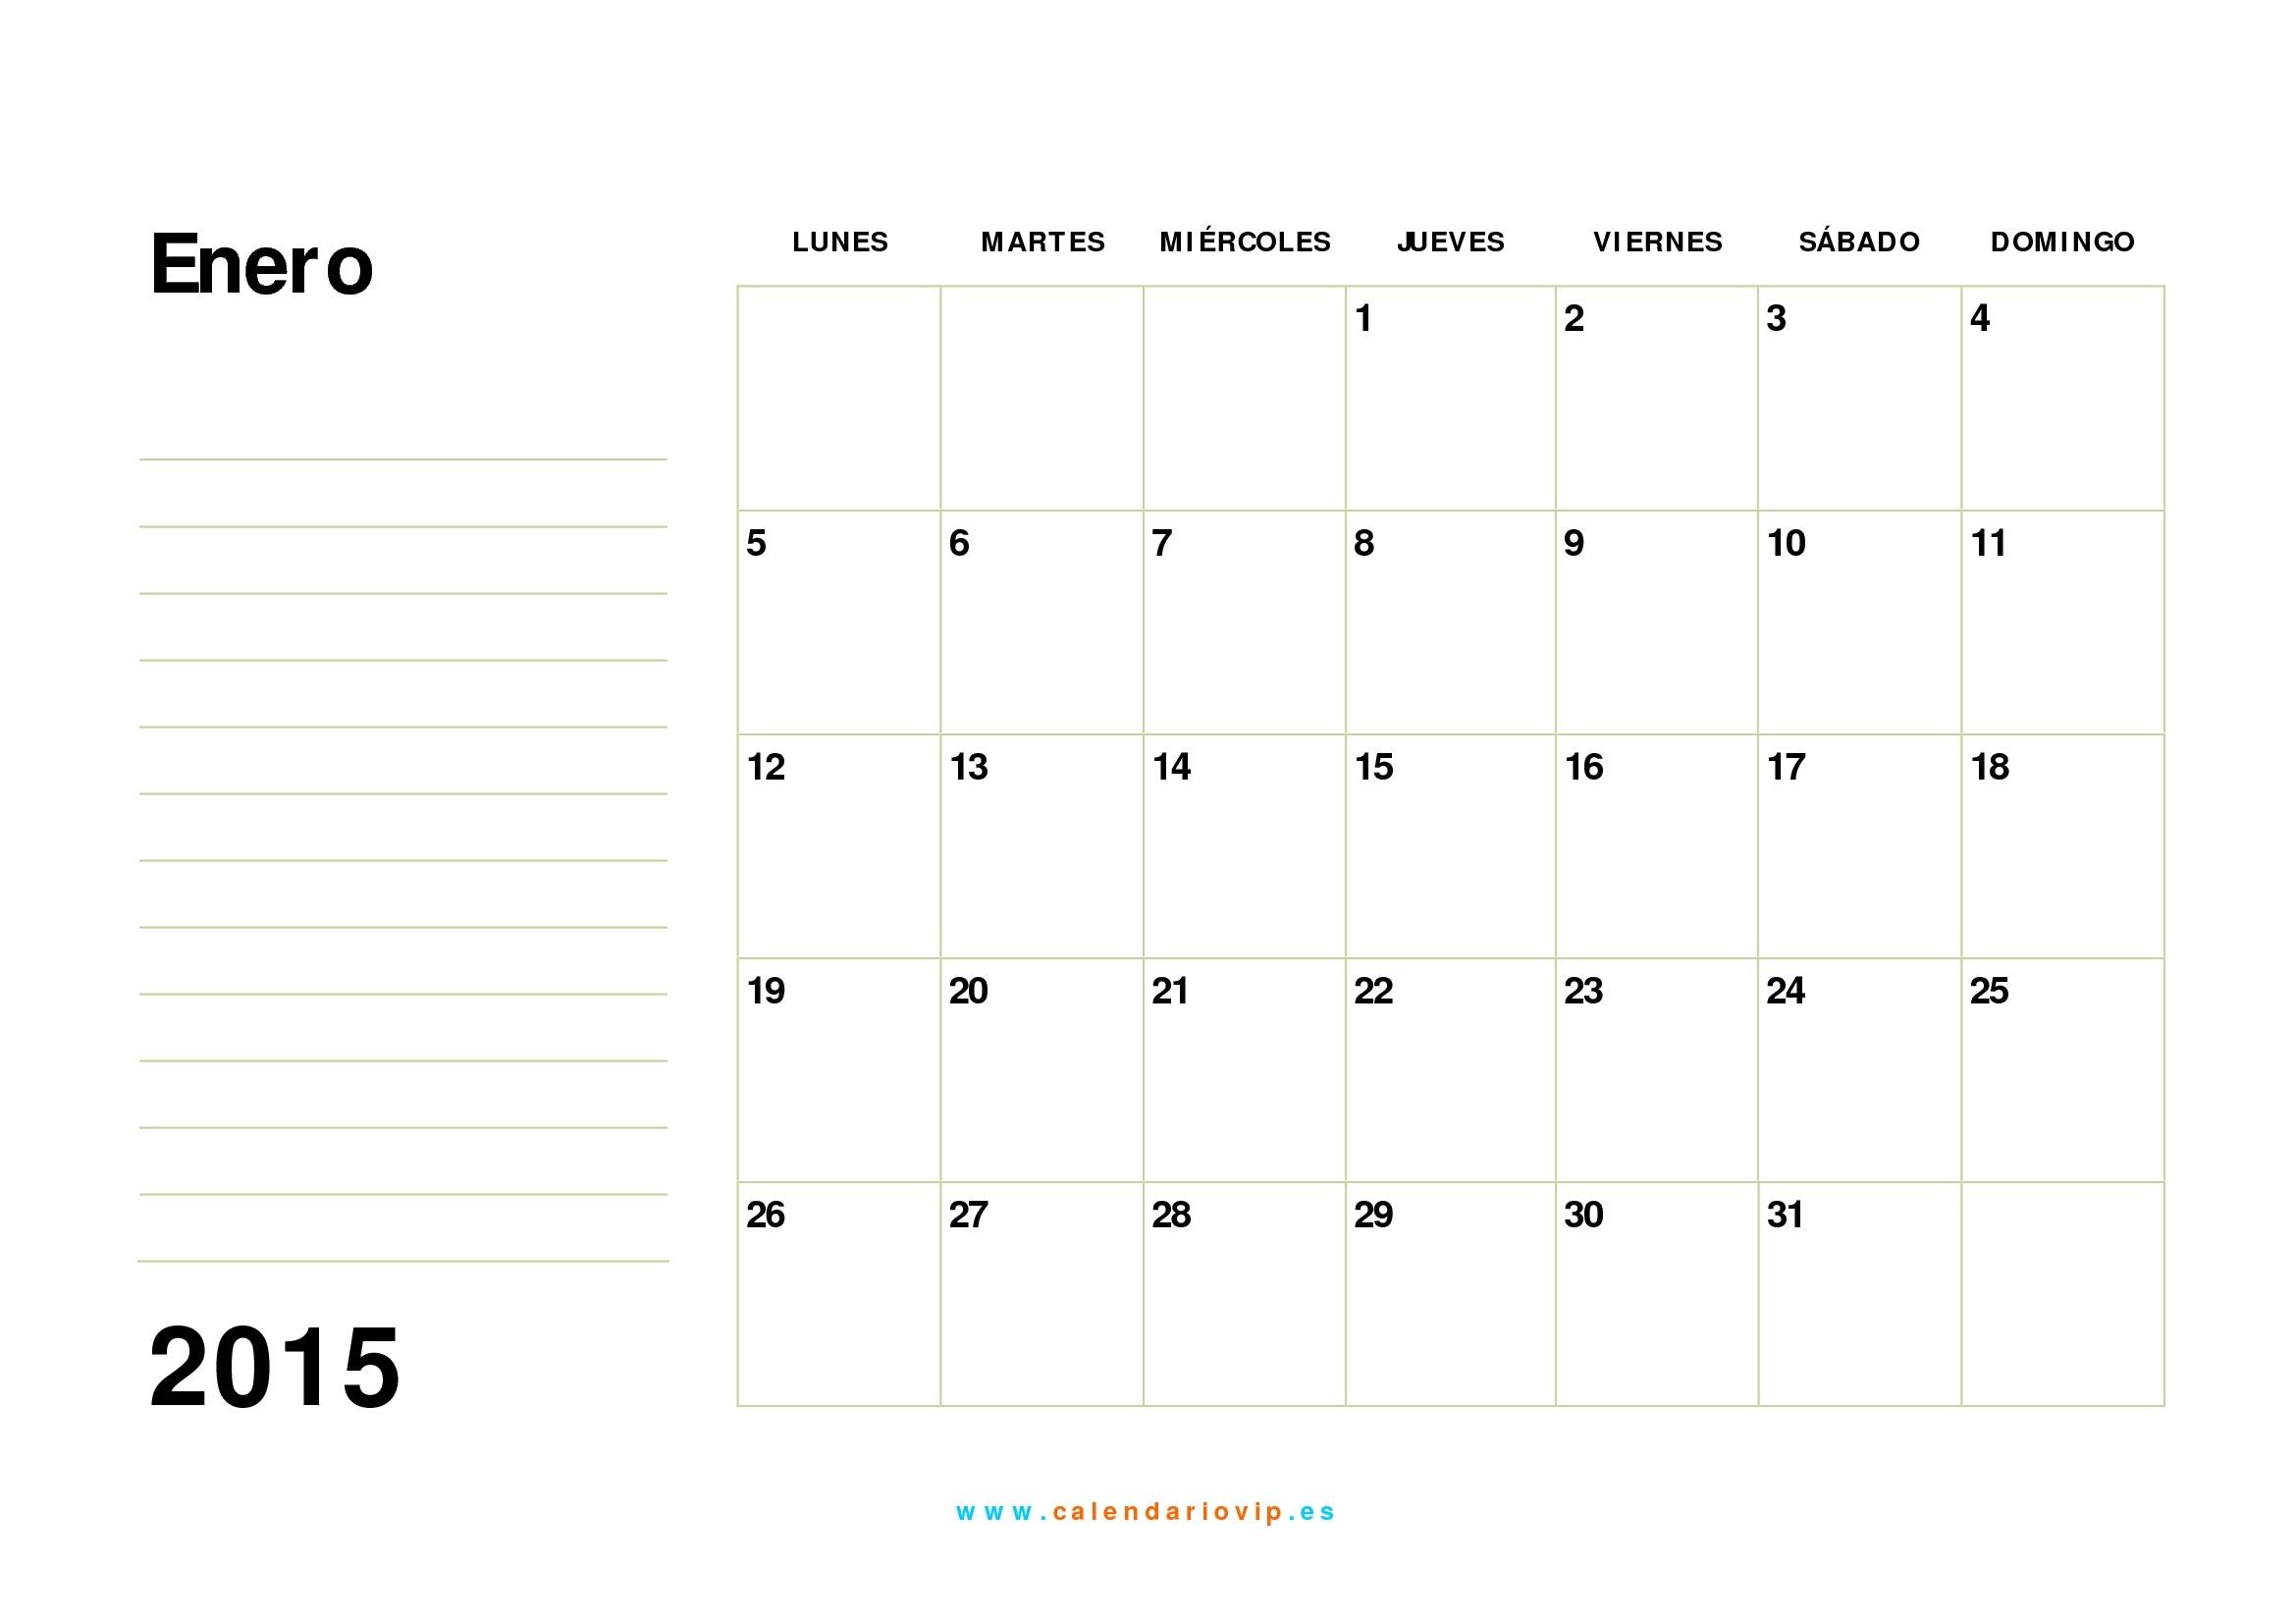 Calendario 2015 Para Imprimir Gratis  Calendario 2015 Para Imprimir Pdf